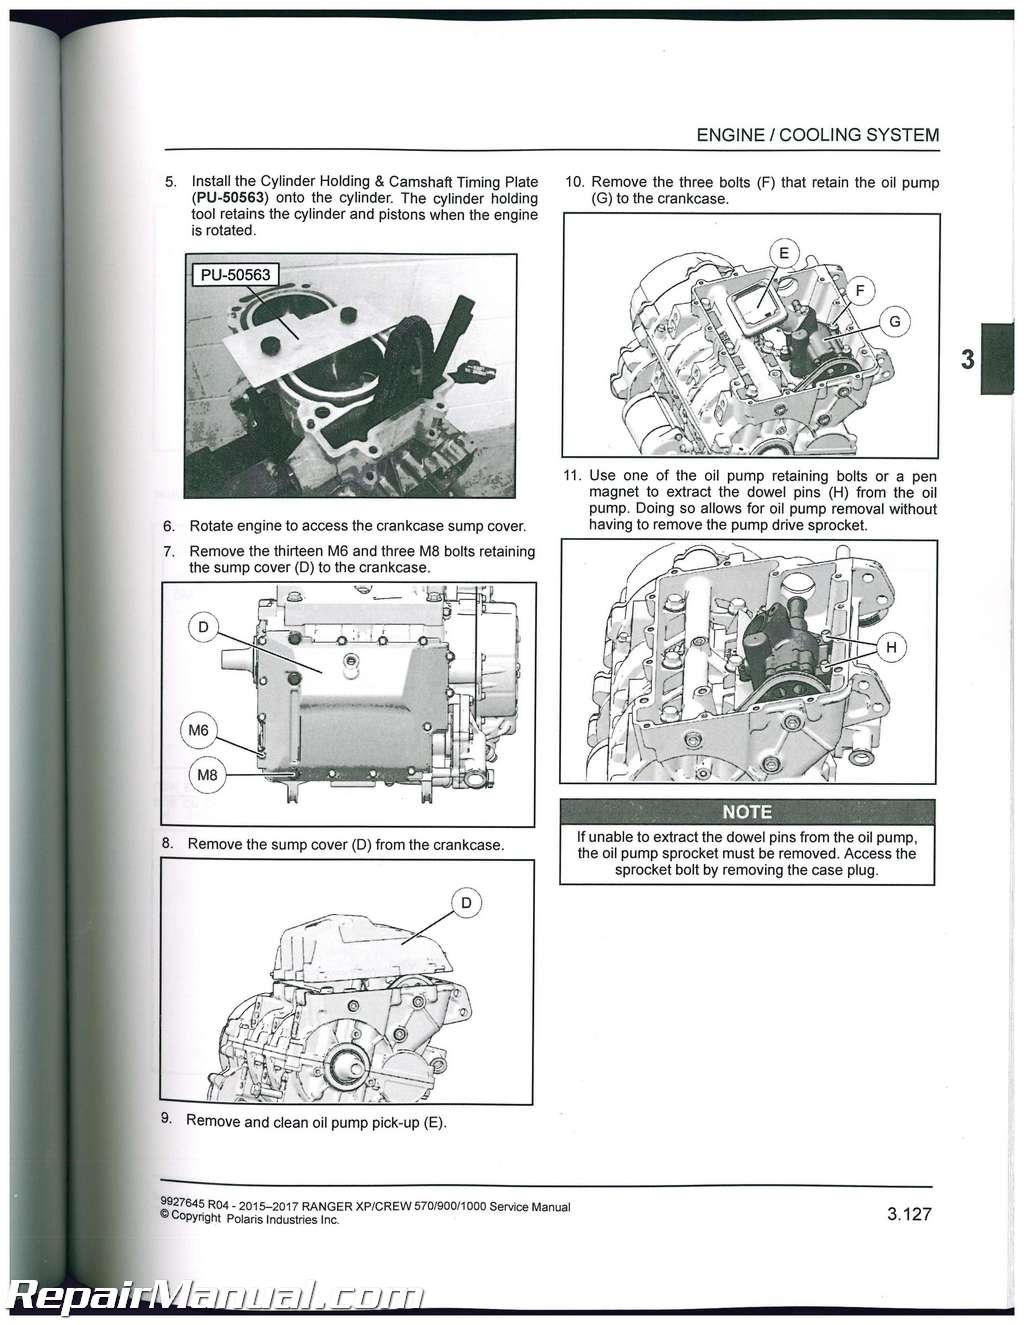 2015 polaris ranger 570 wiring diagram: wiring diagram polaris sportsman  570 u2013 2014 polaris sportsman